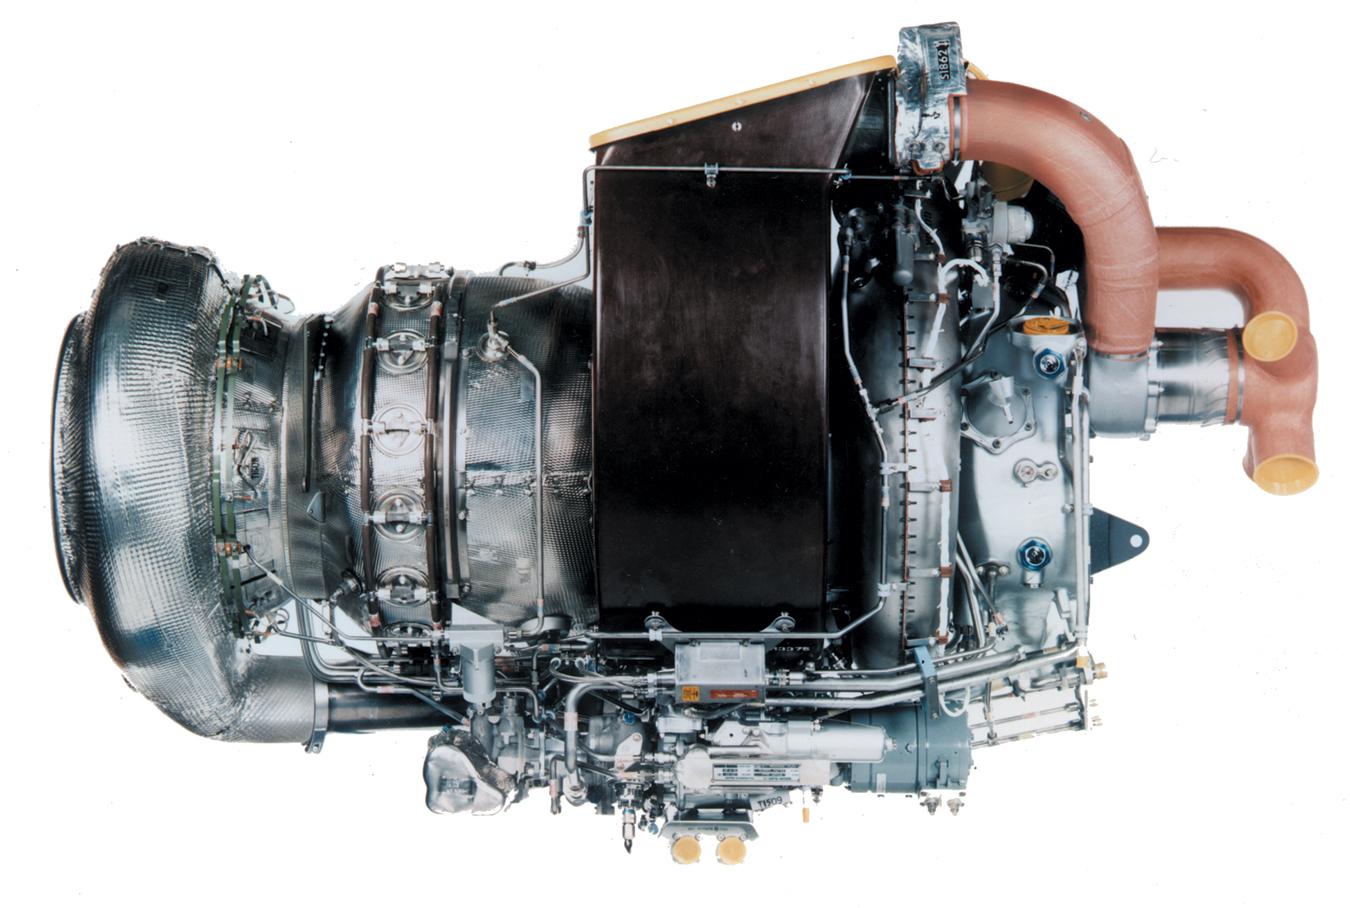 A Pratt & Whitney APU